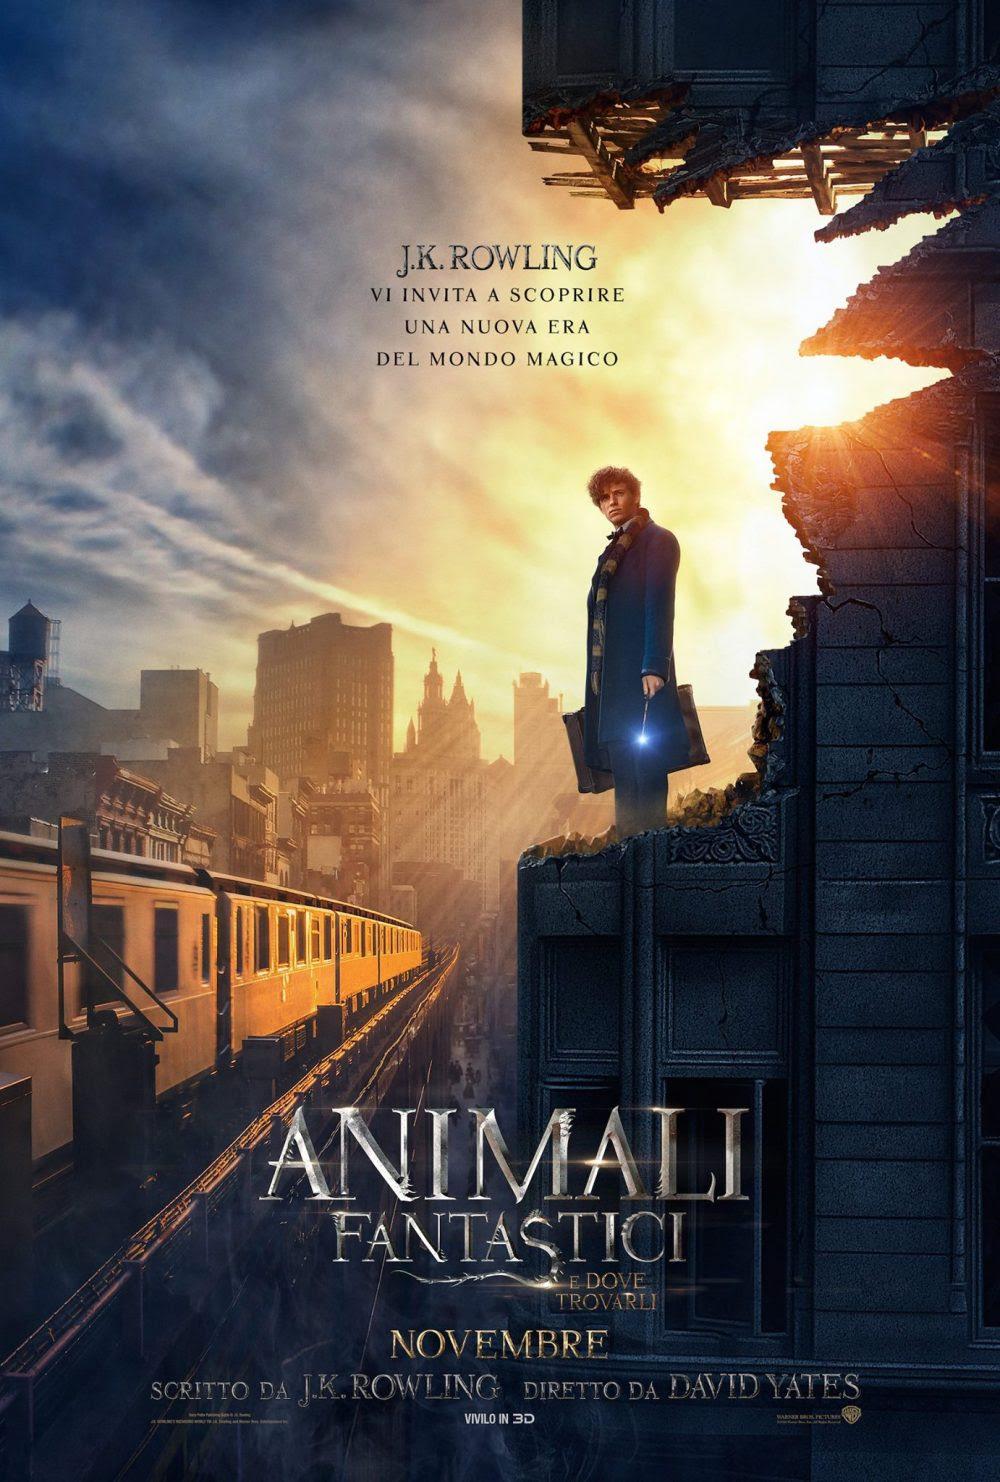 Risultati immagini per poster animali fantastici